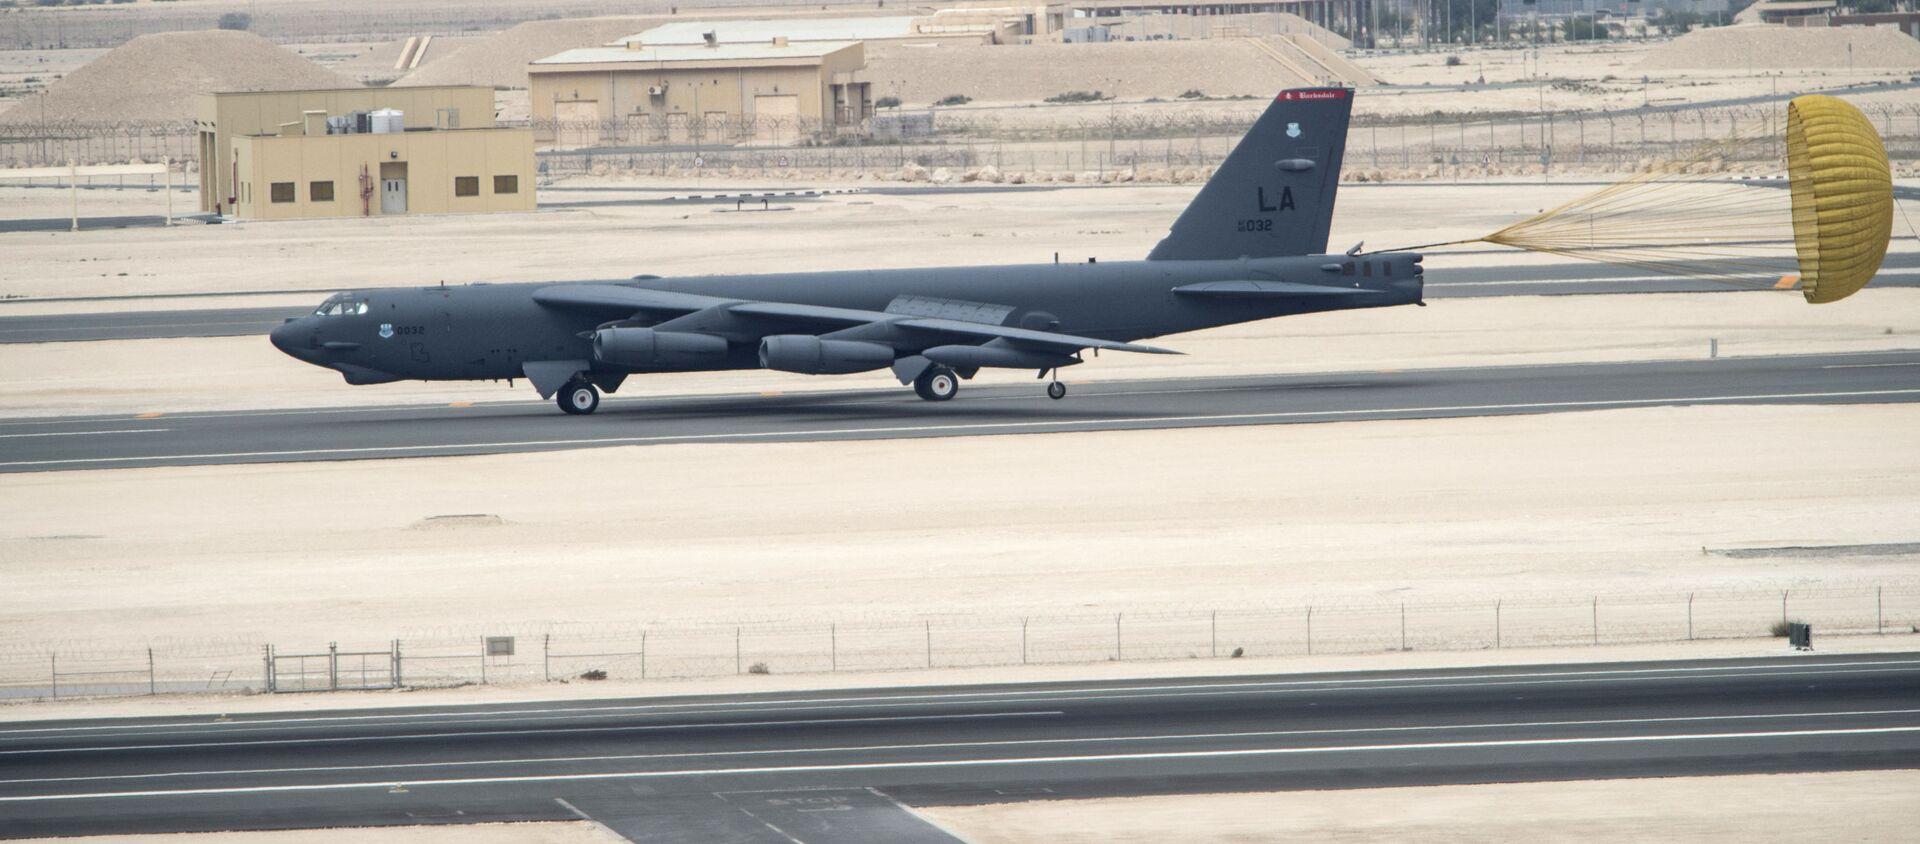 Máy bay ném bom chiến lược Boeing B-52 Stratofortress của Không quân Mỹ đến căn cứ không quân Al Udeid, Qatar. - Sputnik Việt Nam, 1920, 27.02.2021